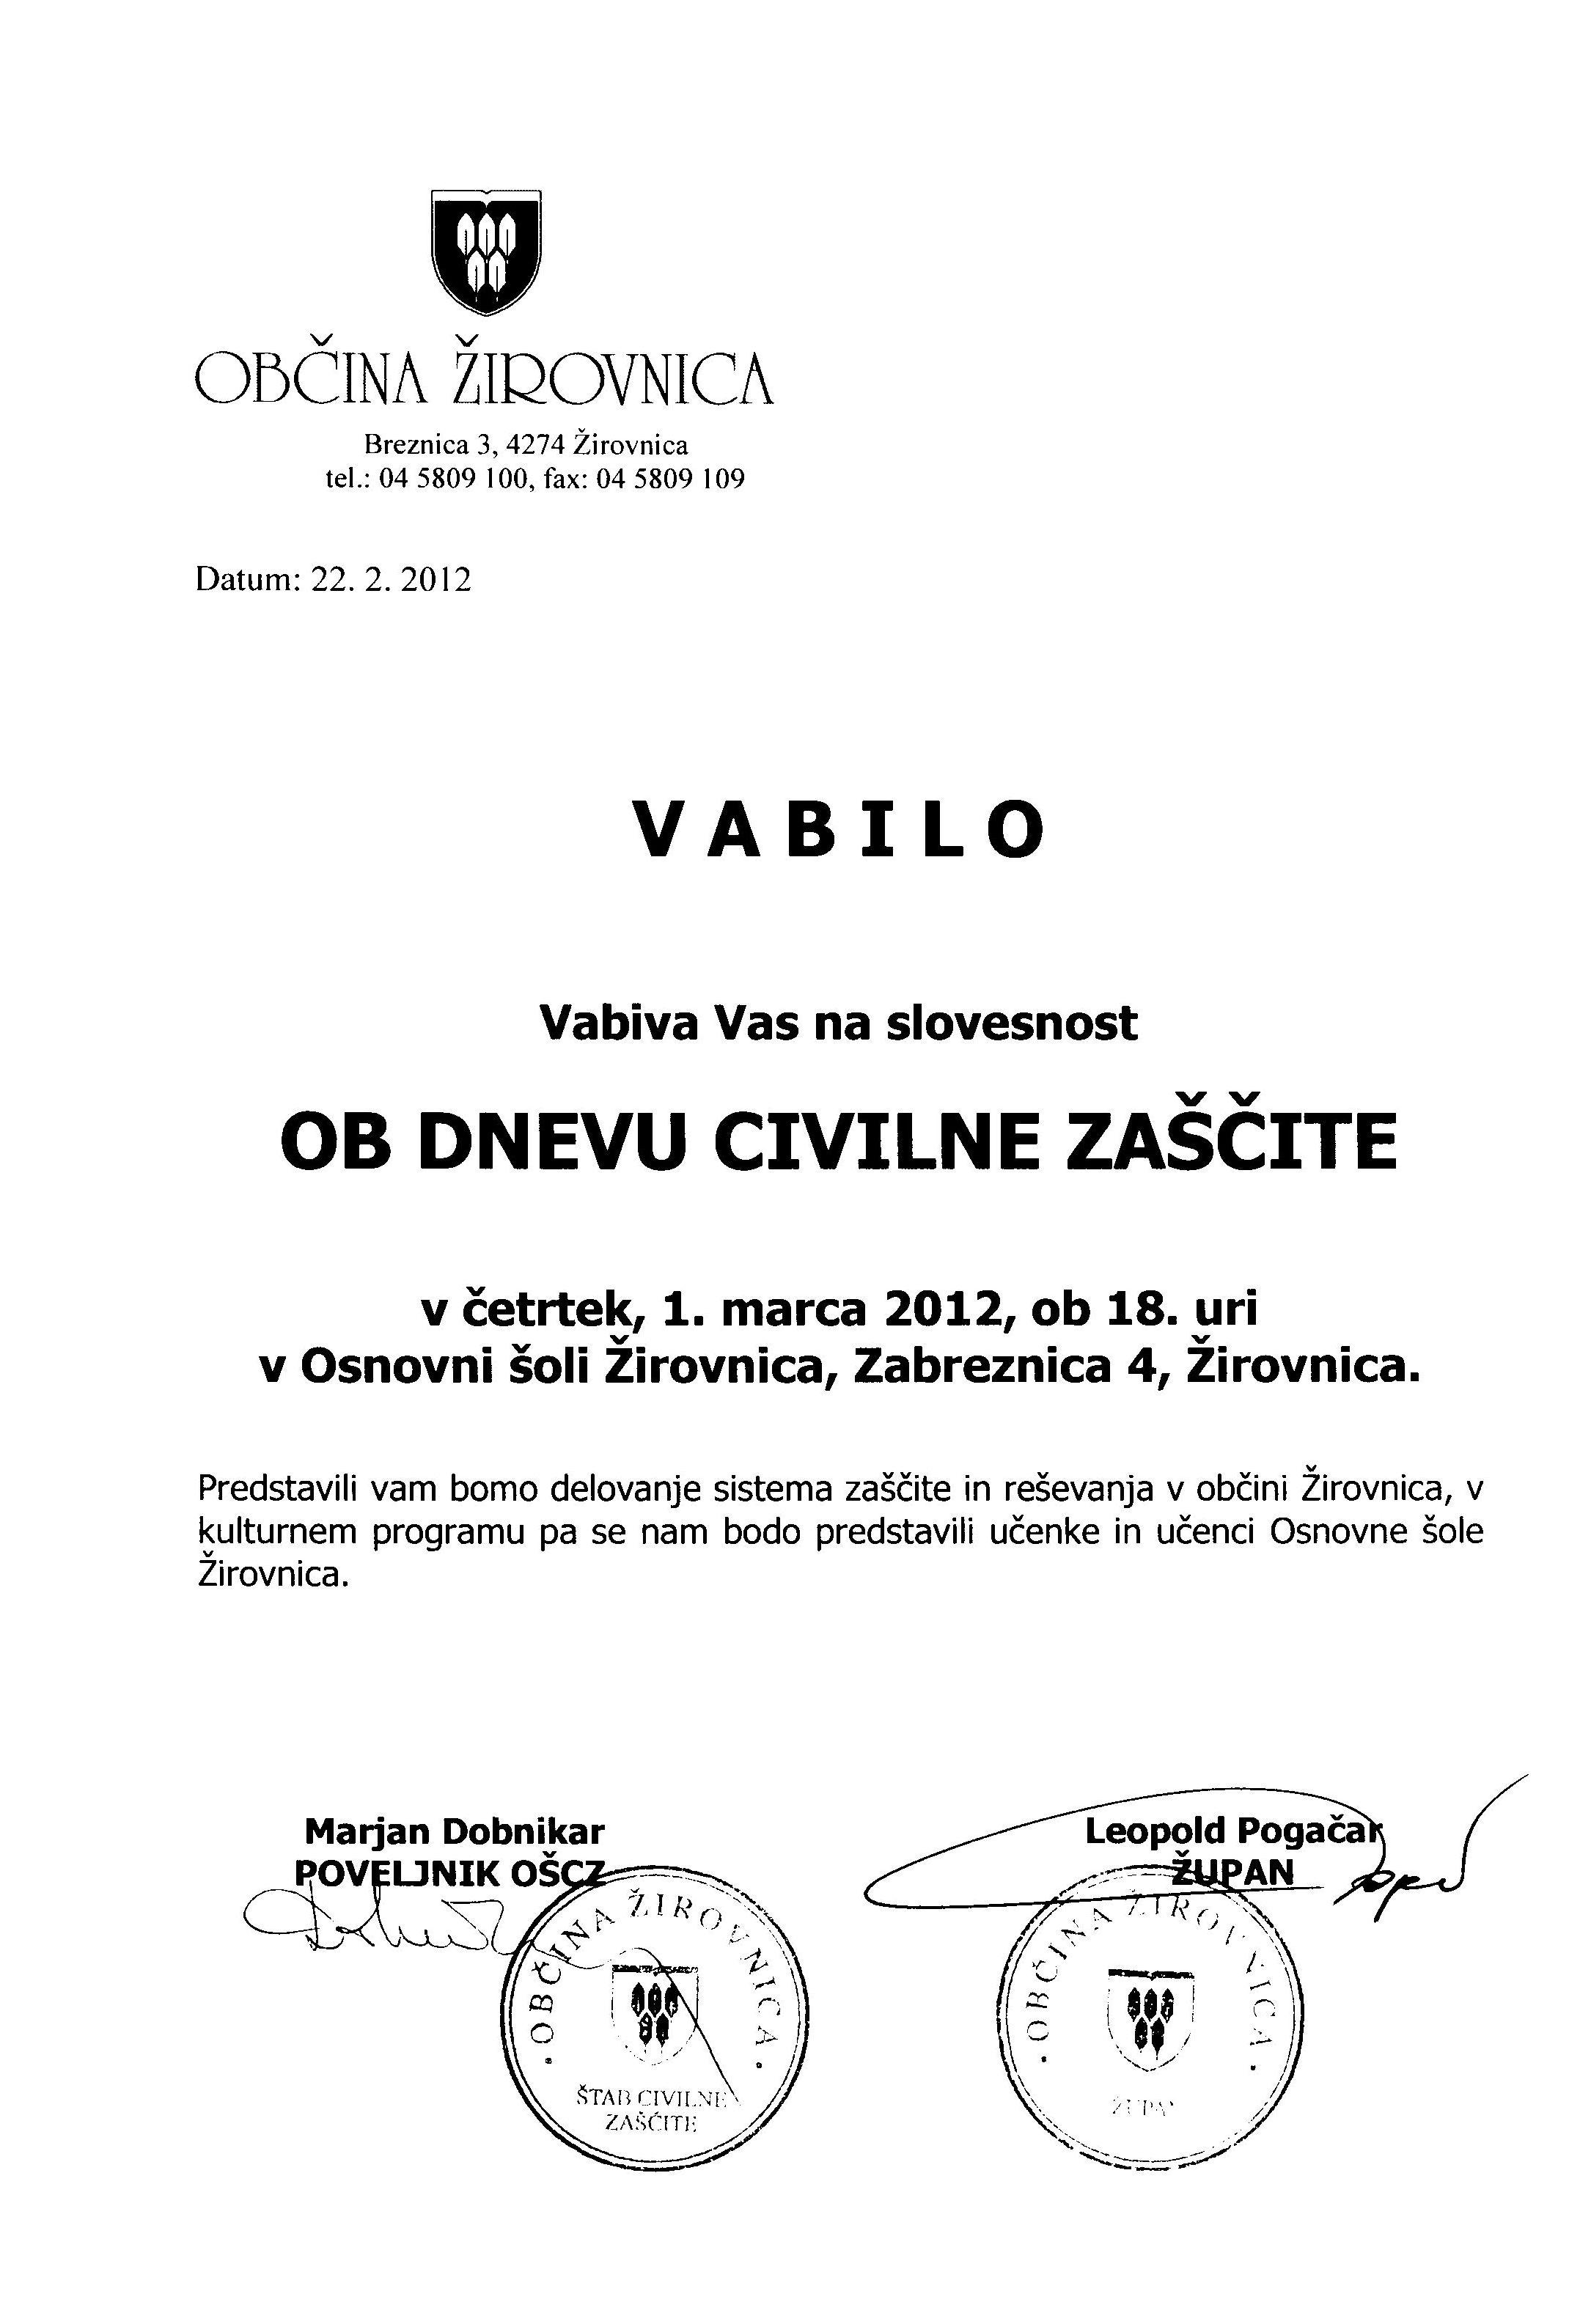 VABILO CZ 1